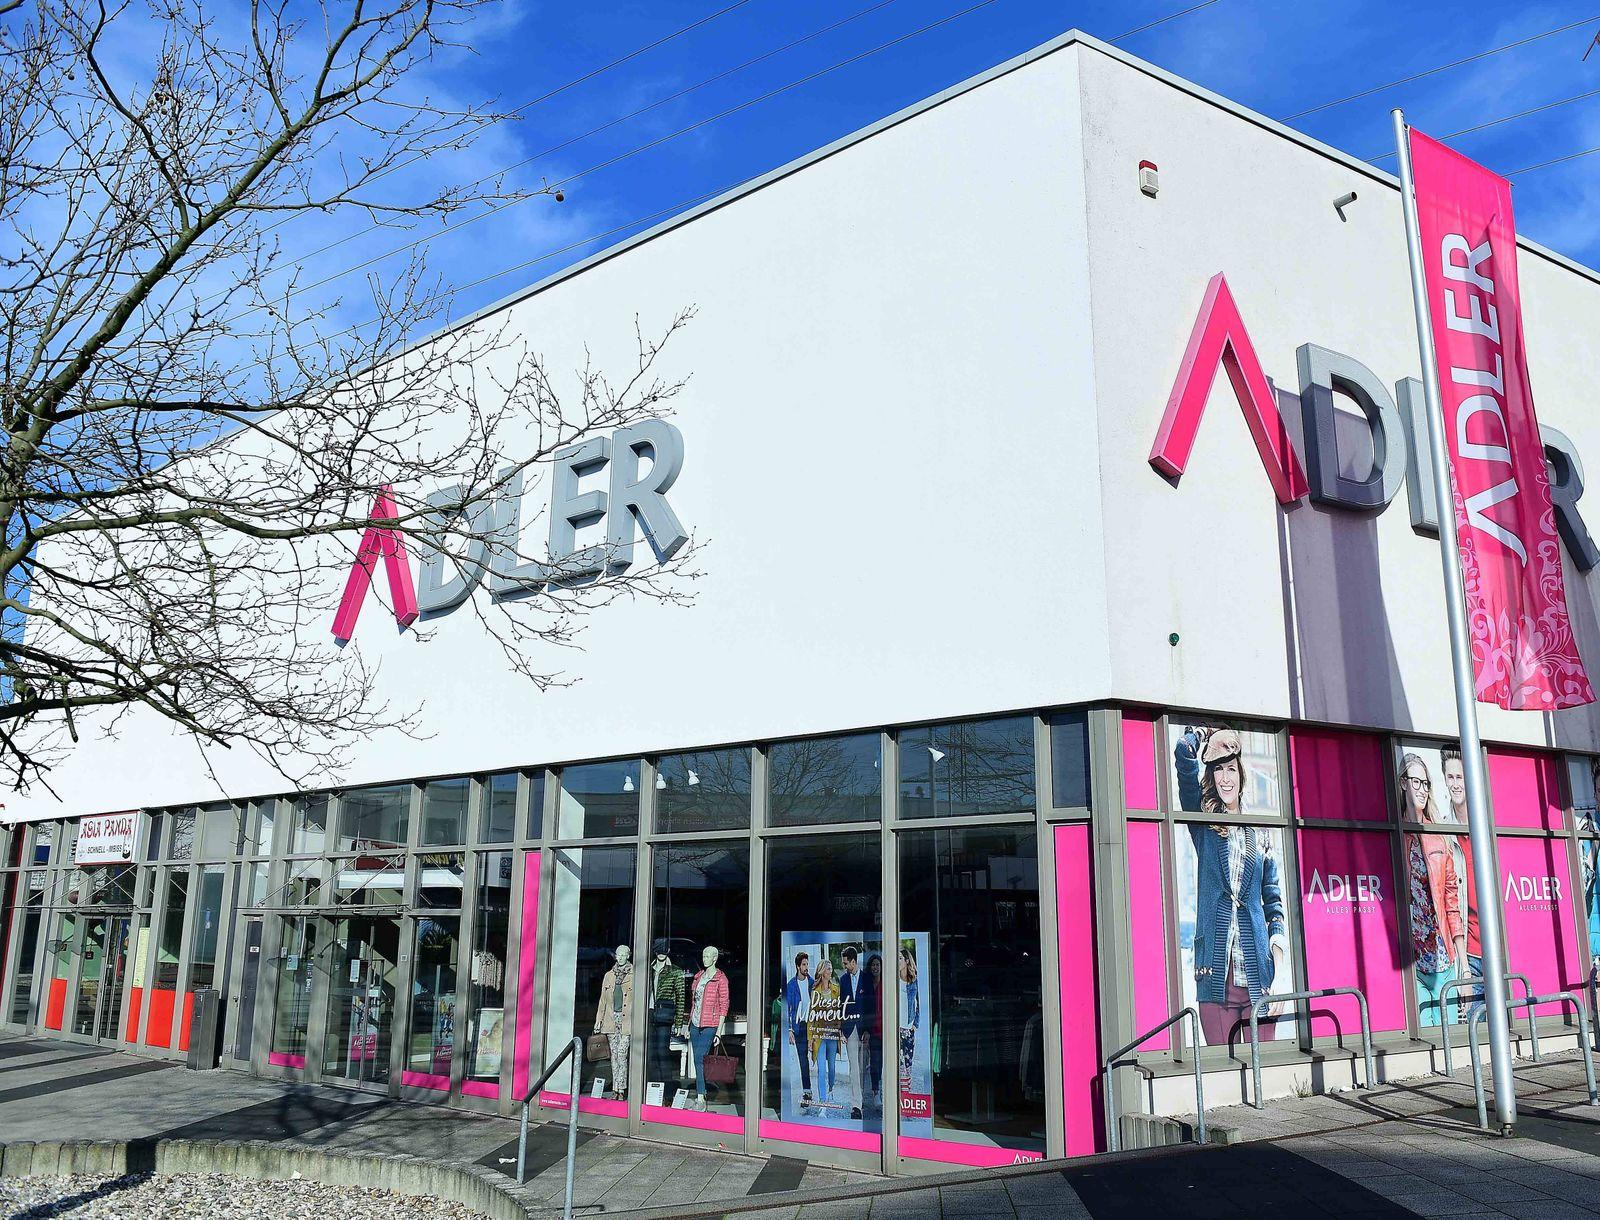 Adler Modemärkte am 25.03.2020 in Mülheim an der Ruhr Die Adler Modemärkte AG mit Sitz in Haibach bei Aschaffenburg ist